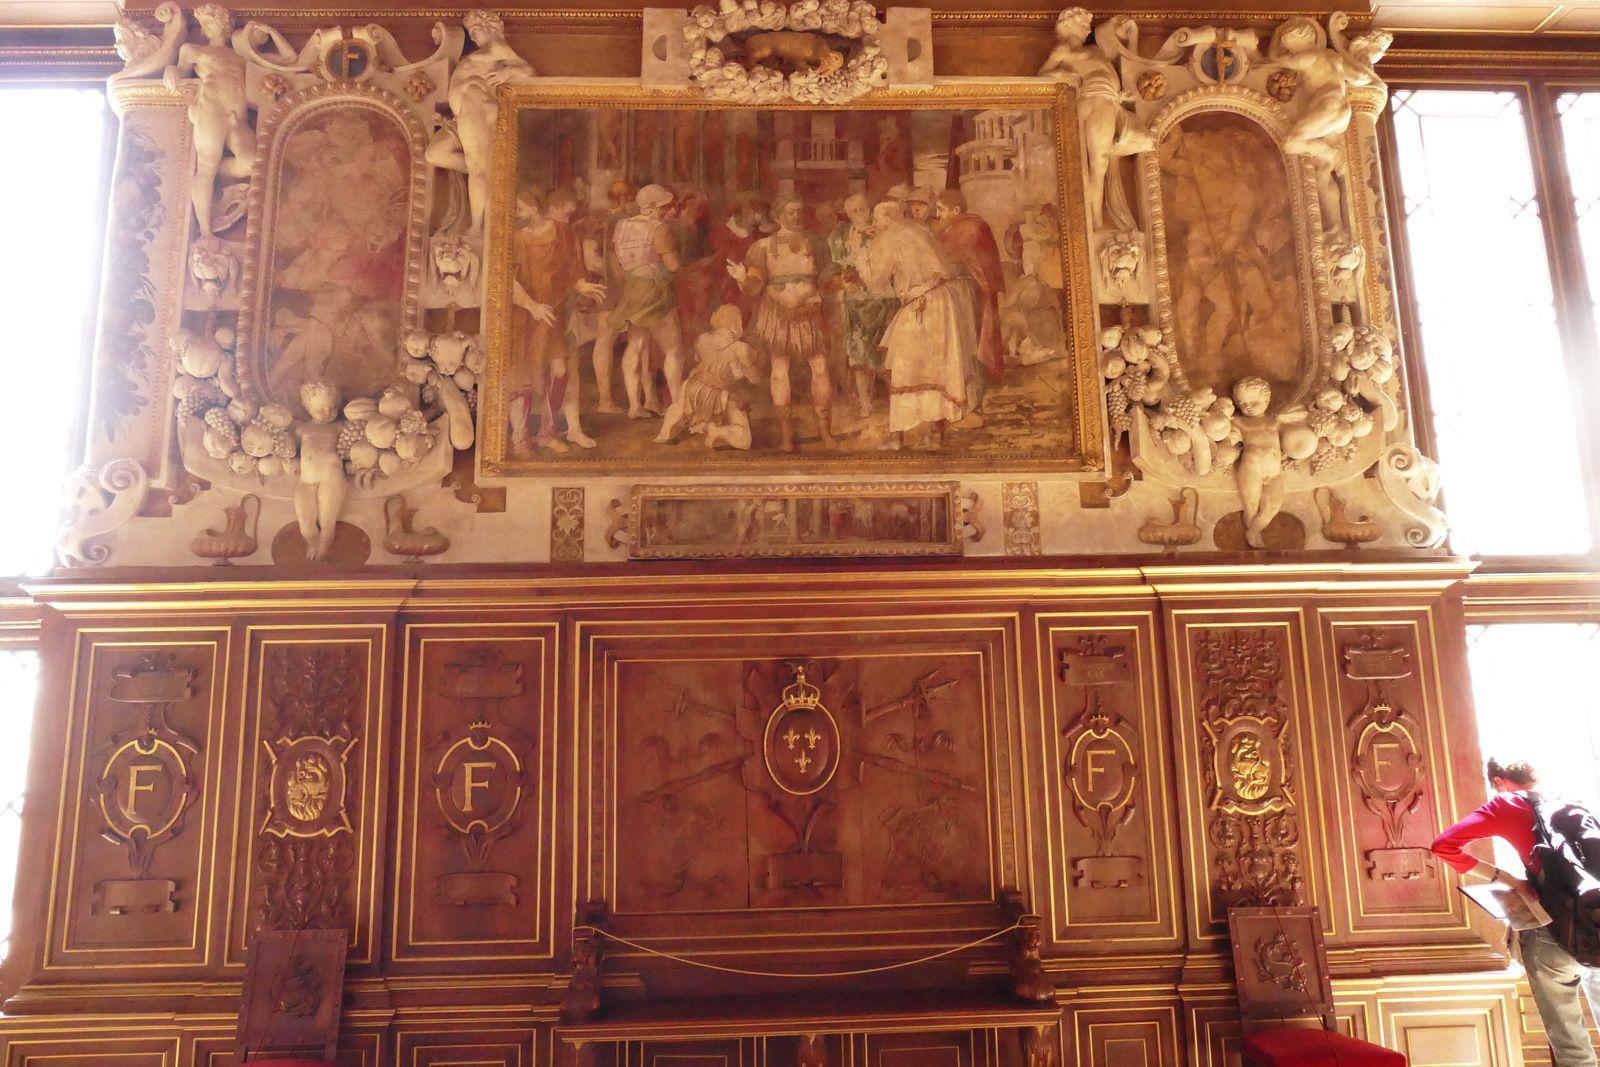 Lambris (chêne ou noyer, Francesco Scibec de Capri, 1536-1537 et dorure), galerie François Ier, château de Fontainebleau. Photographie lavieb-aile 2019.